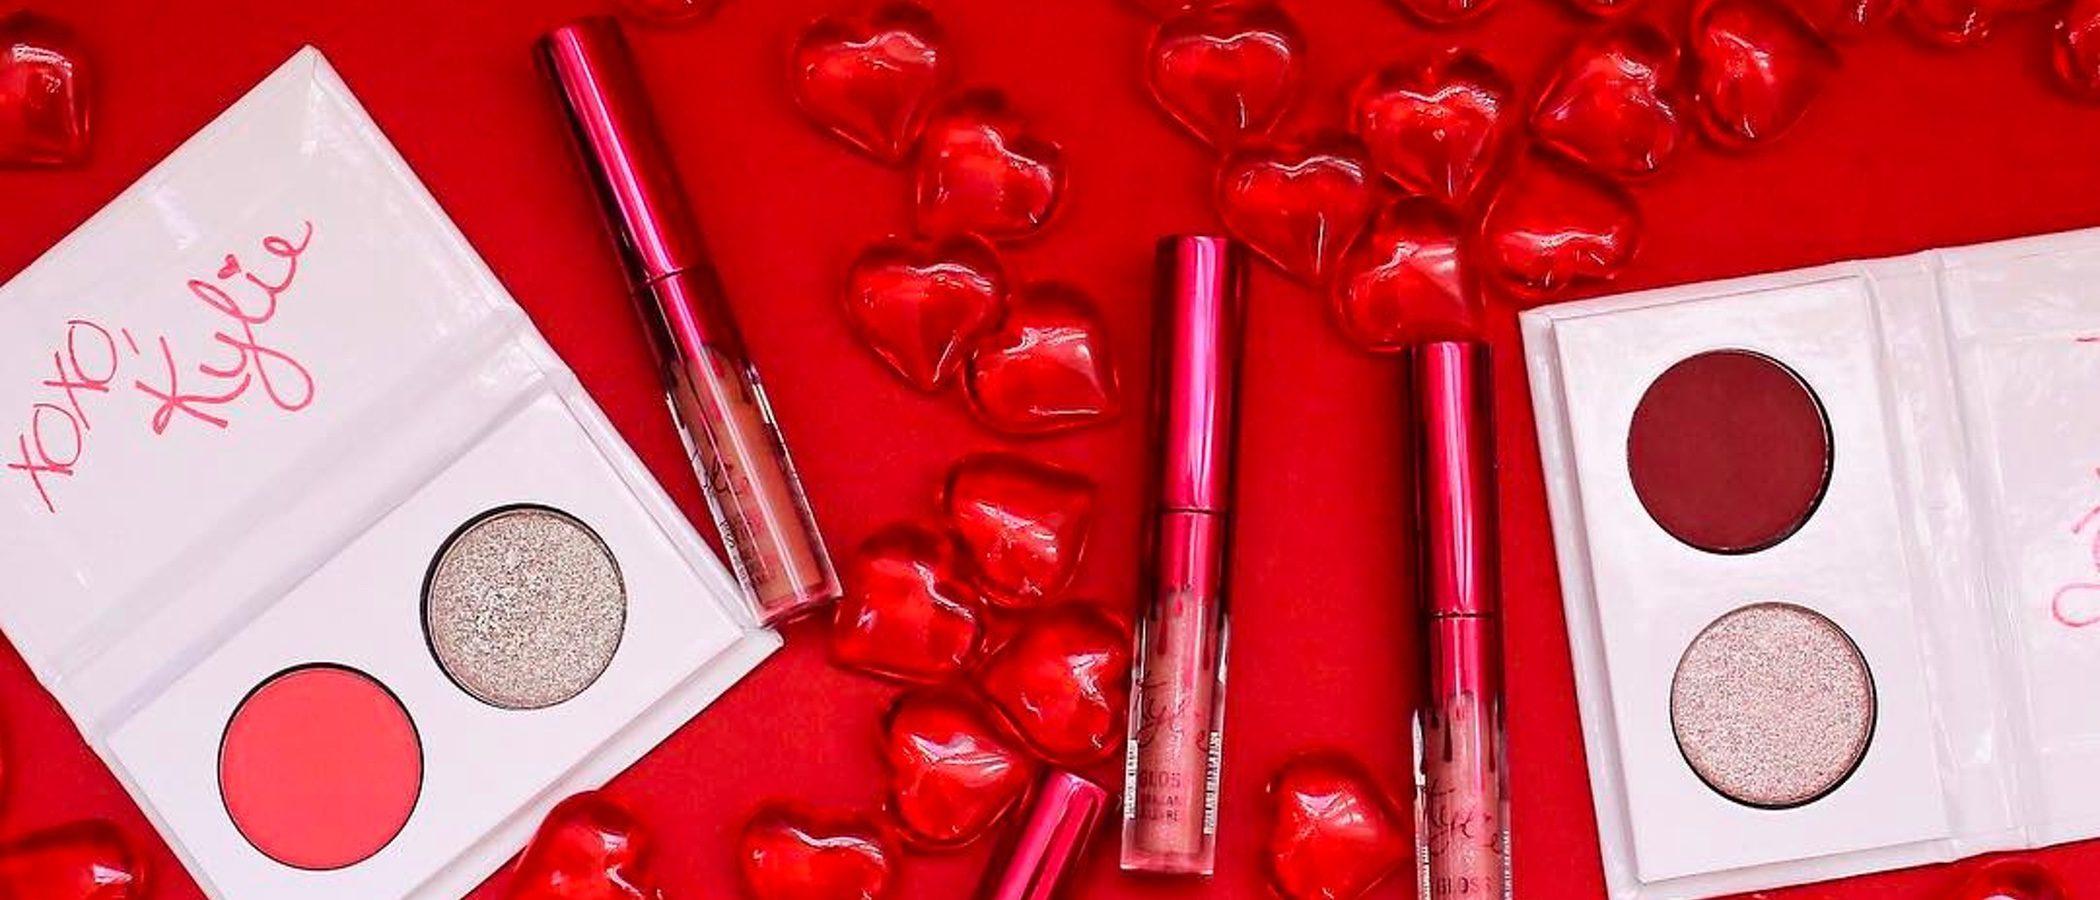 Kylie Jenner celebra San Valentín con una nueva línea de cosméticos